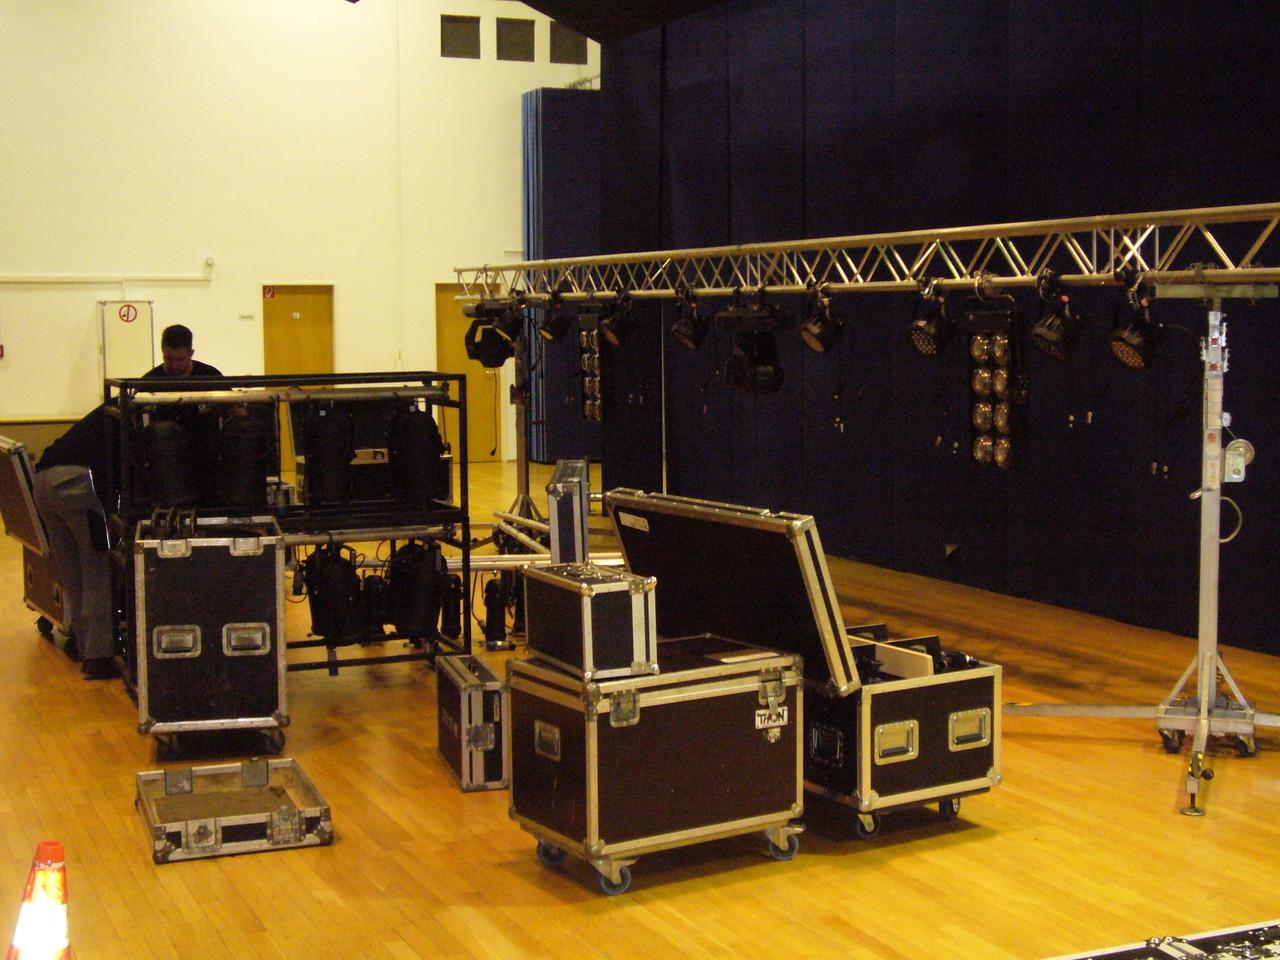 Der Bühnenaufbau - sehr professionell!